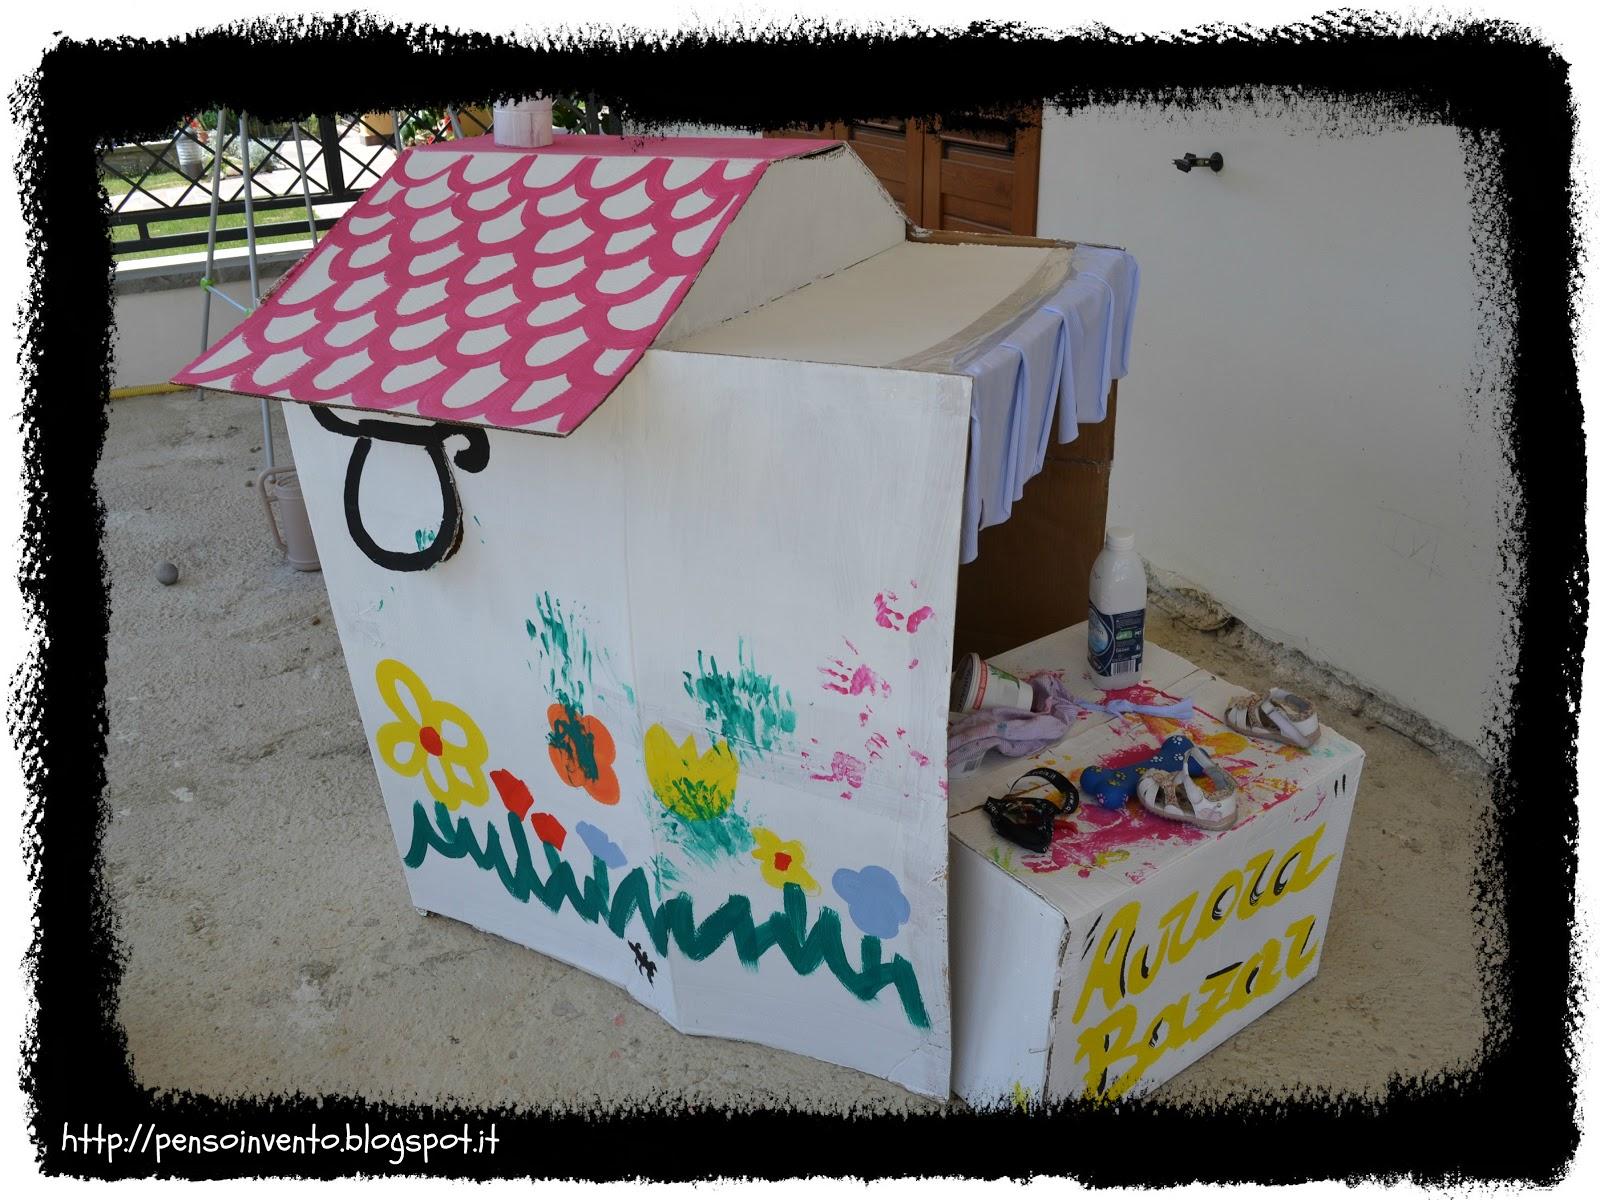 Casa di cartone per bambini che gioia per la mamma penso invento creo - Casa di cartone ...